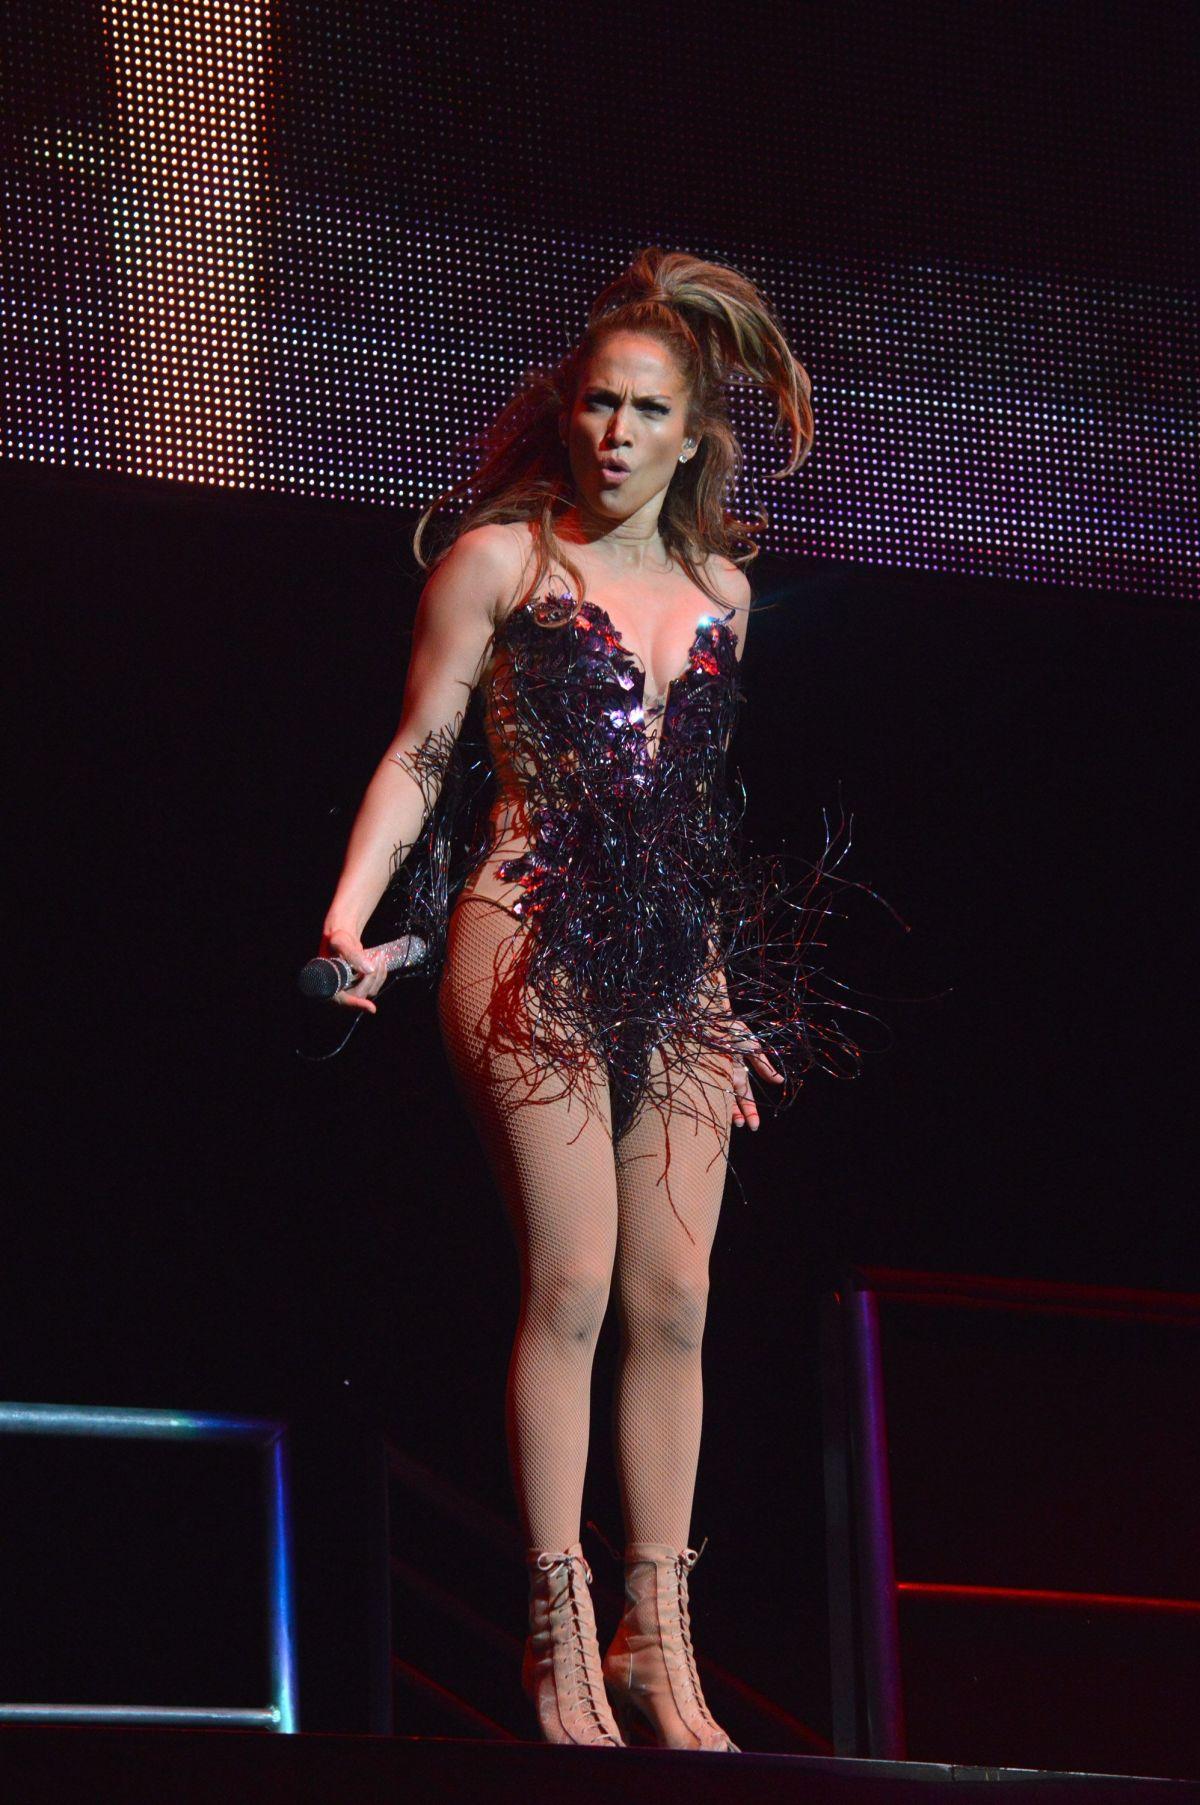 Jennifer Lopez Aint it funny